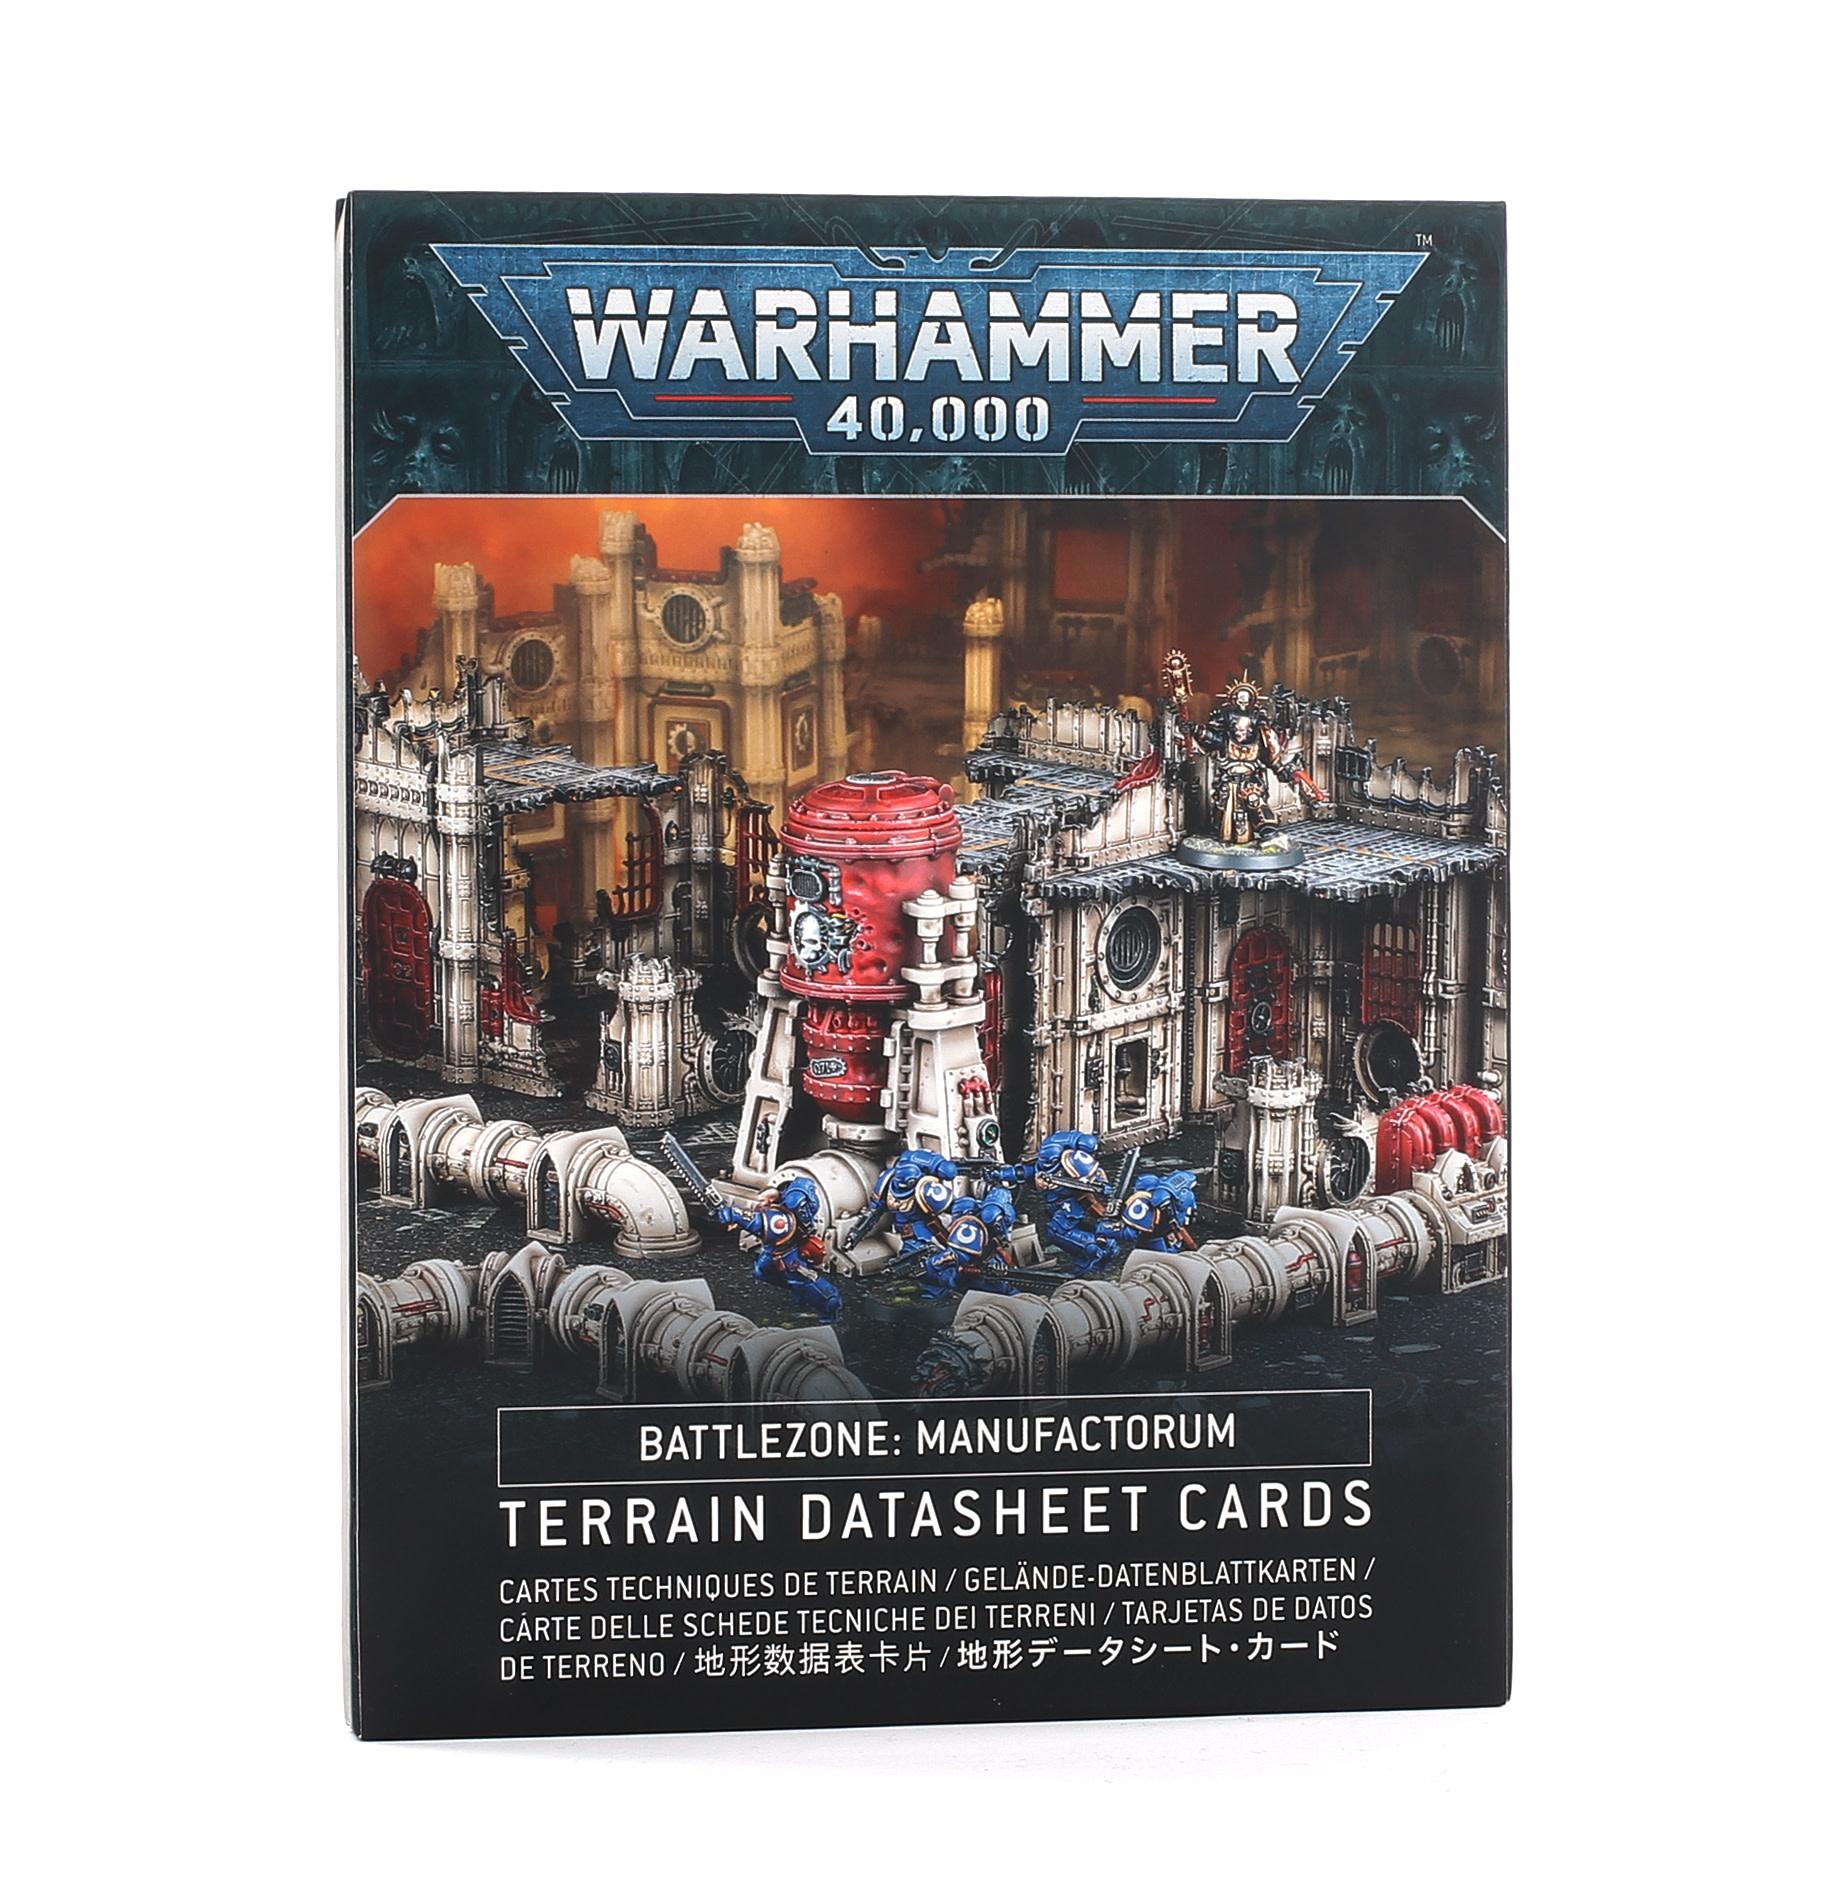 Battlezone: Manufactorum – Terrain Datasheet Cards (EN)